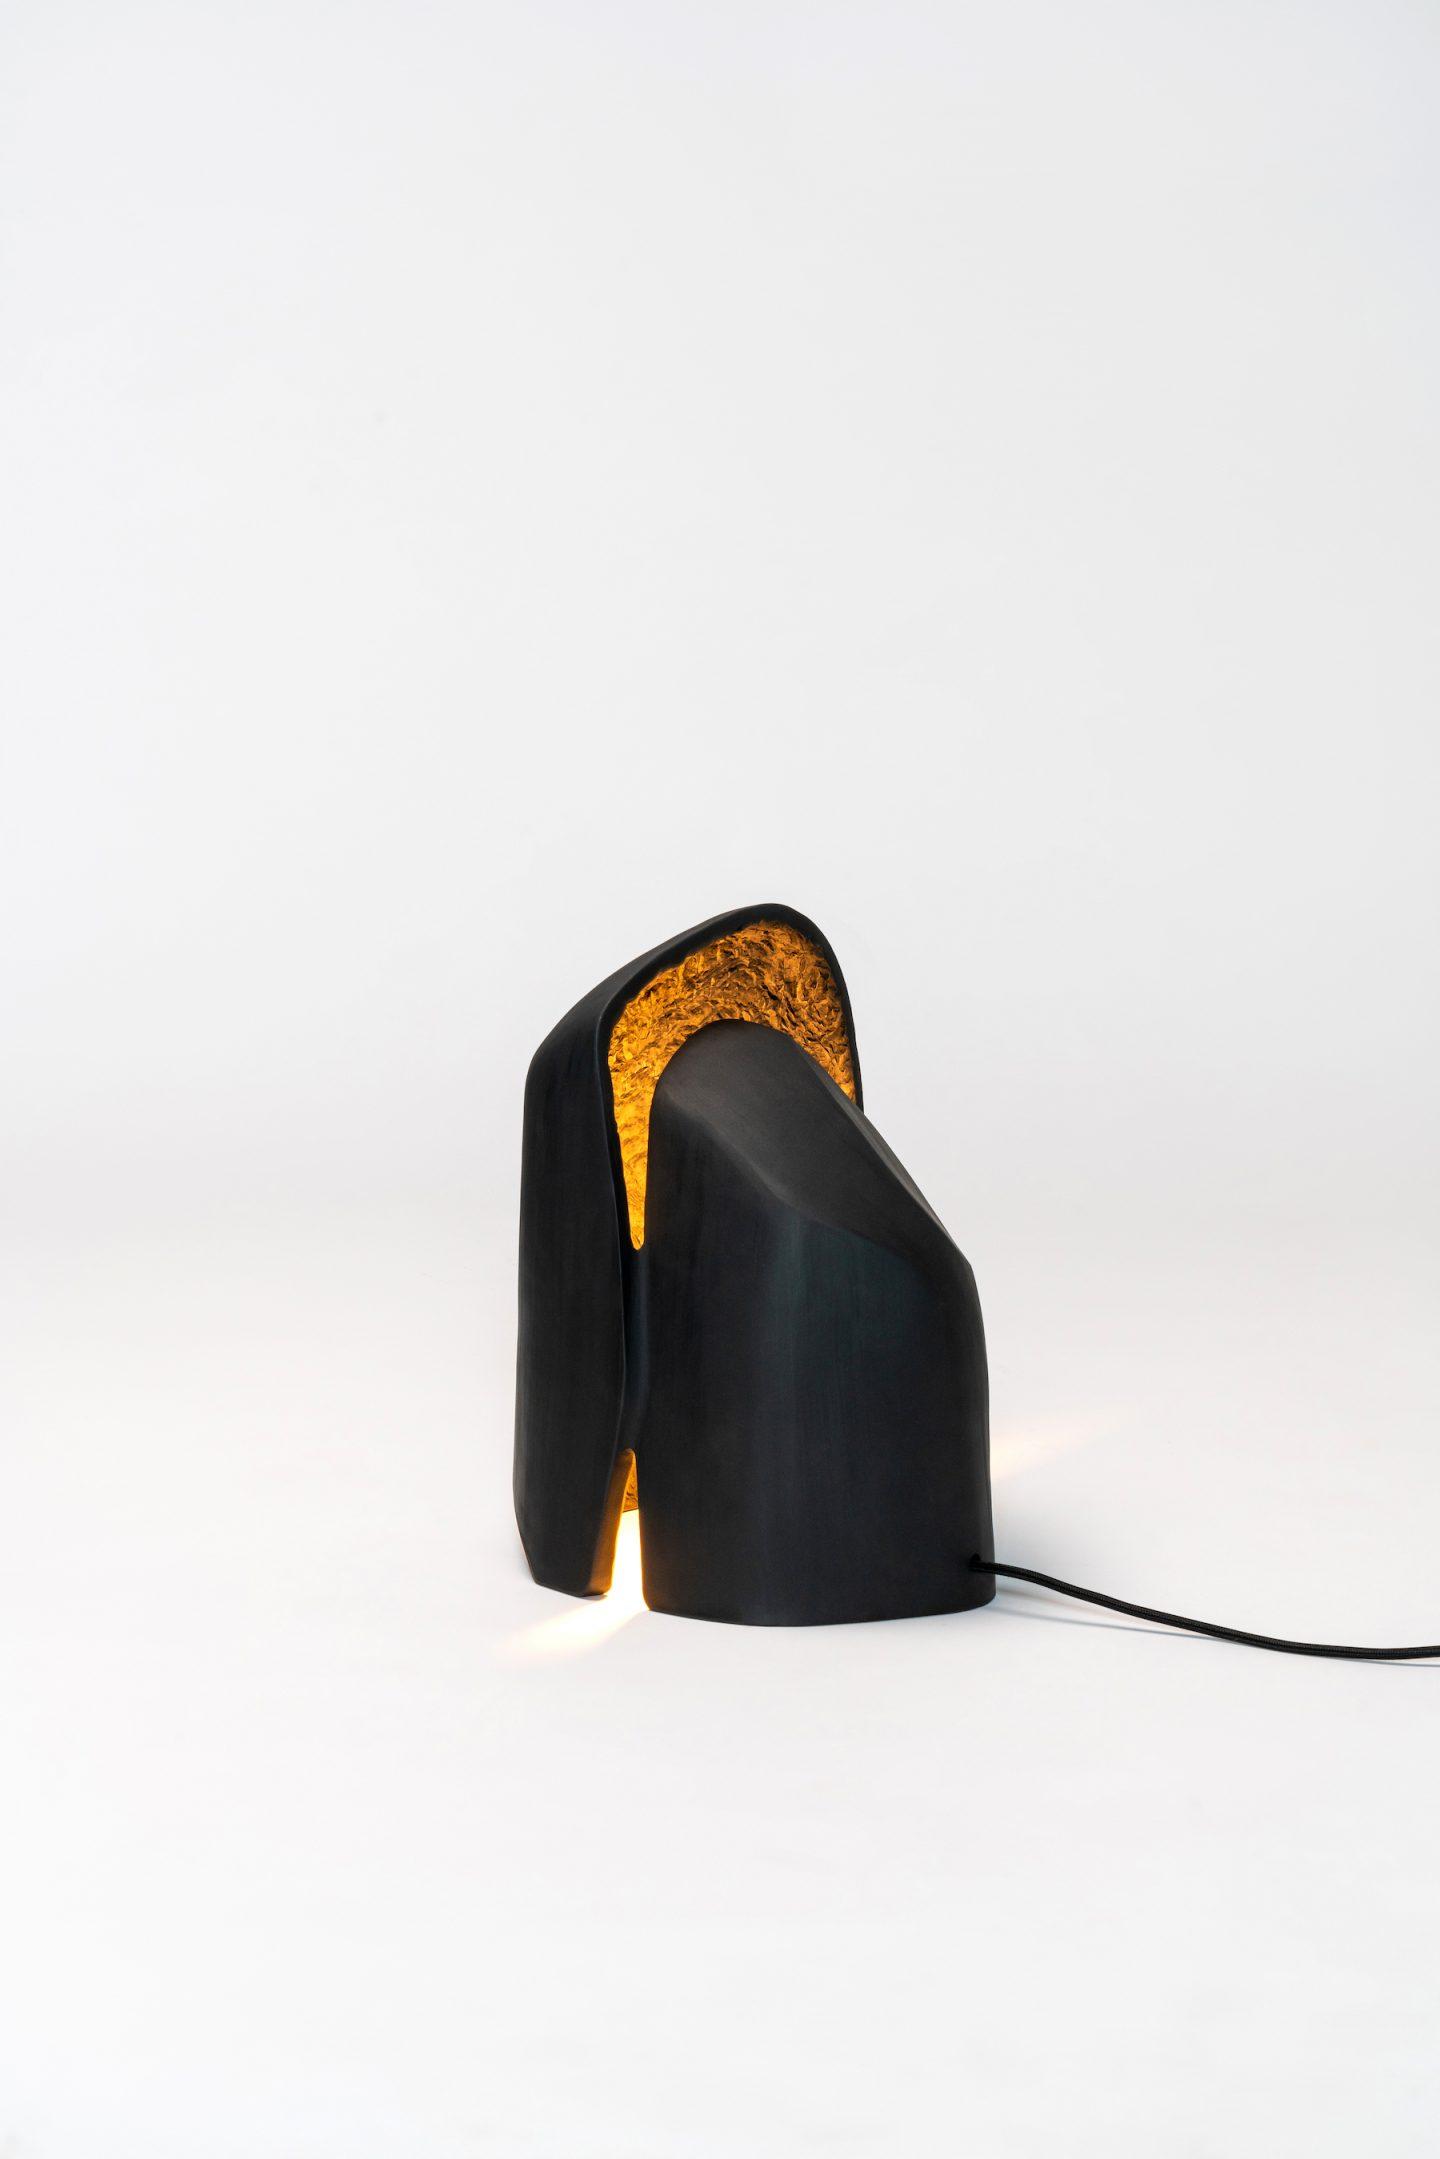 IGNANT-Design-Made-in-Situ-Barro-Negro-03